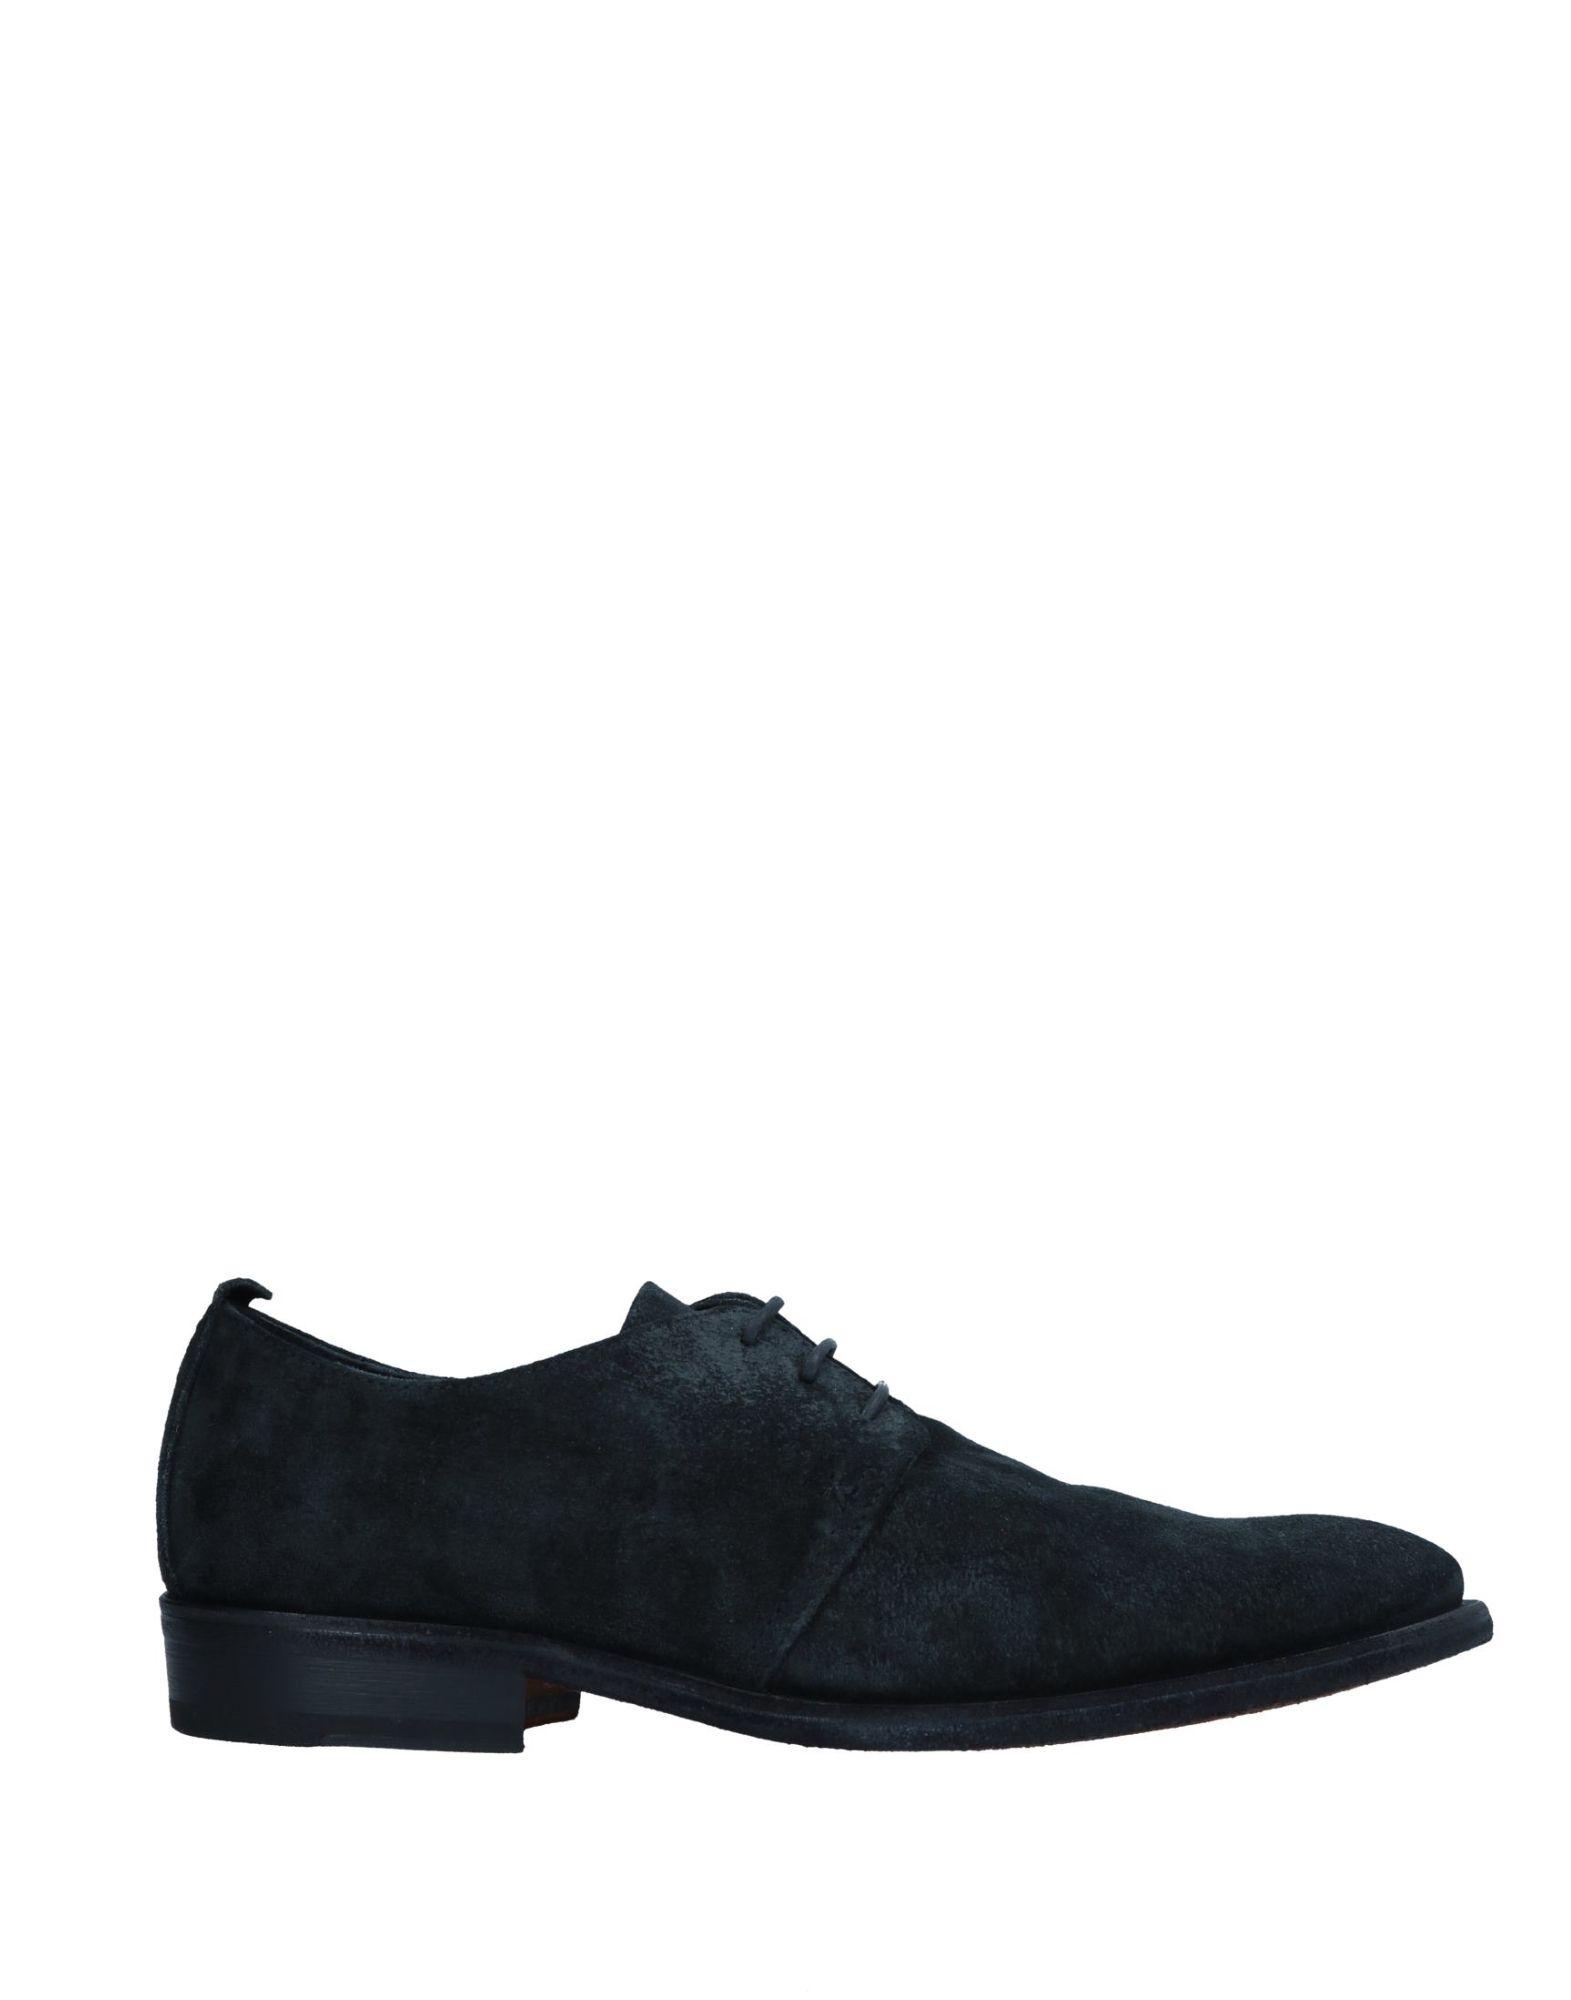 Fiorentini+Baker Schnürschuhe Herren  11546825IQ Gute Qualität beliebte Schuhe